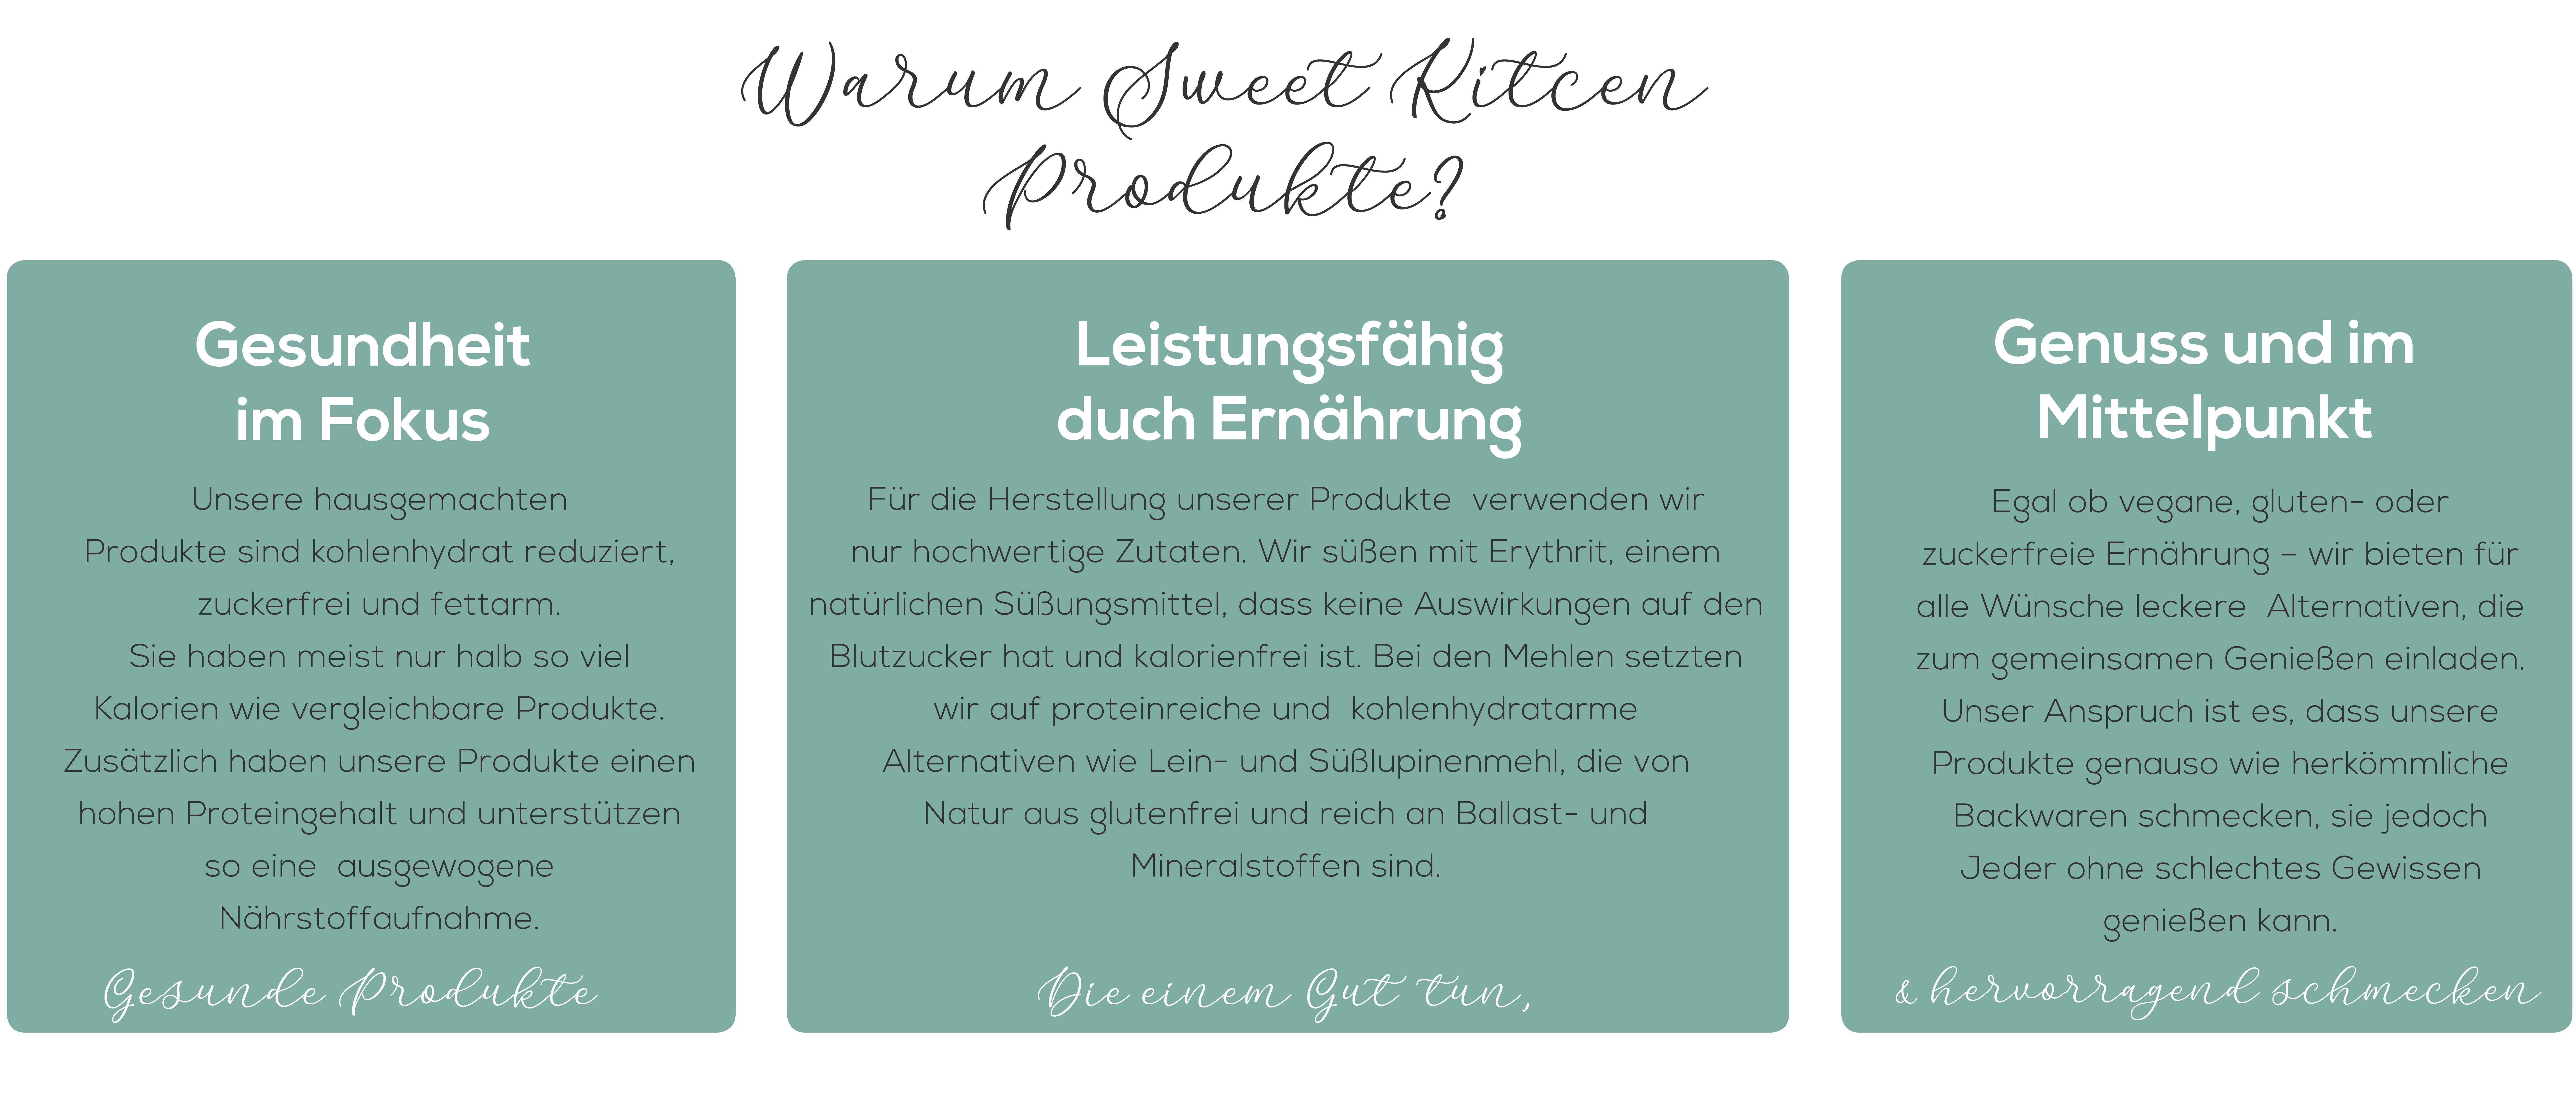 Warum Sweet Kitcen Produkte sweet kitcen für Unternehmen gesunde Produkte